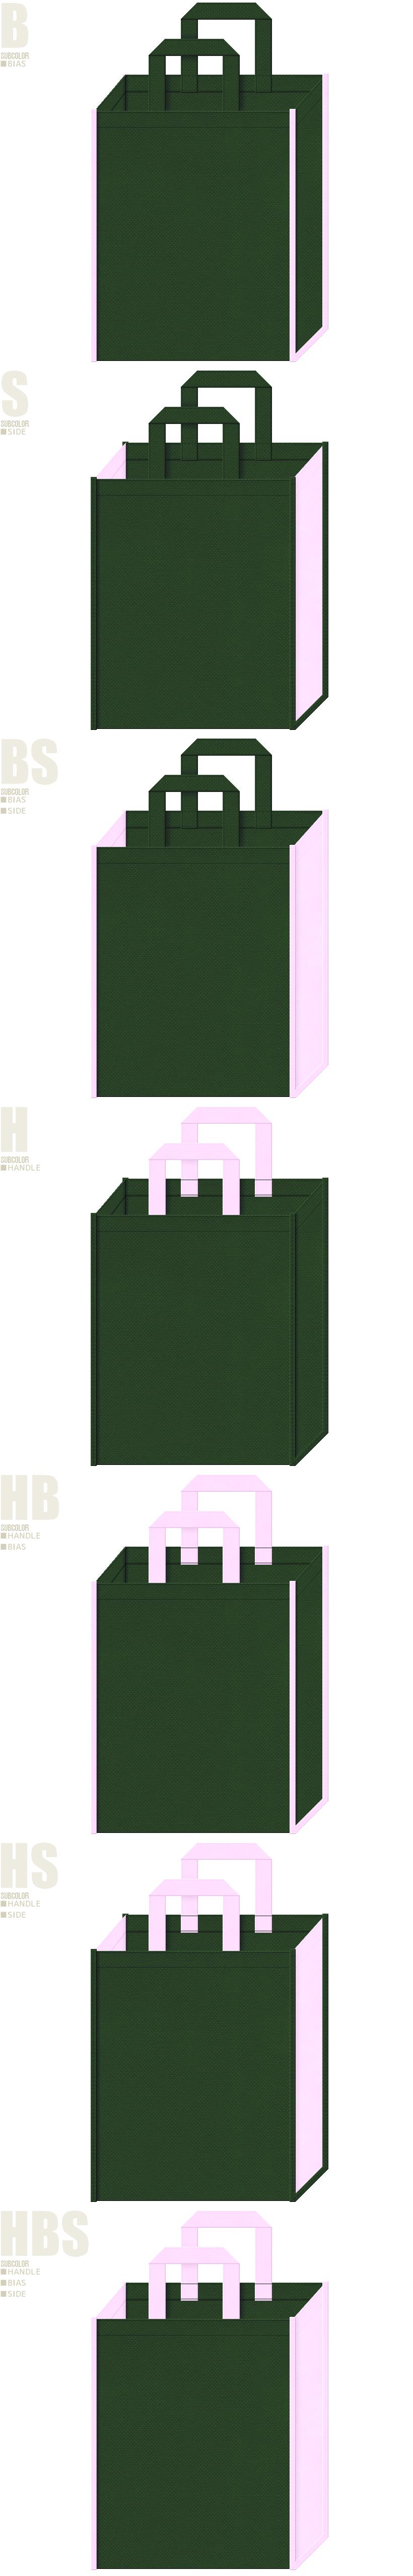 濃緑色と明るめのピンク色、7パターンの不織布トートバッグ配色デザイン例。卒業式、桜イメージの不織布バッグにお奨めの配色です。